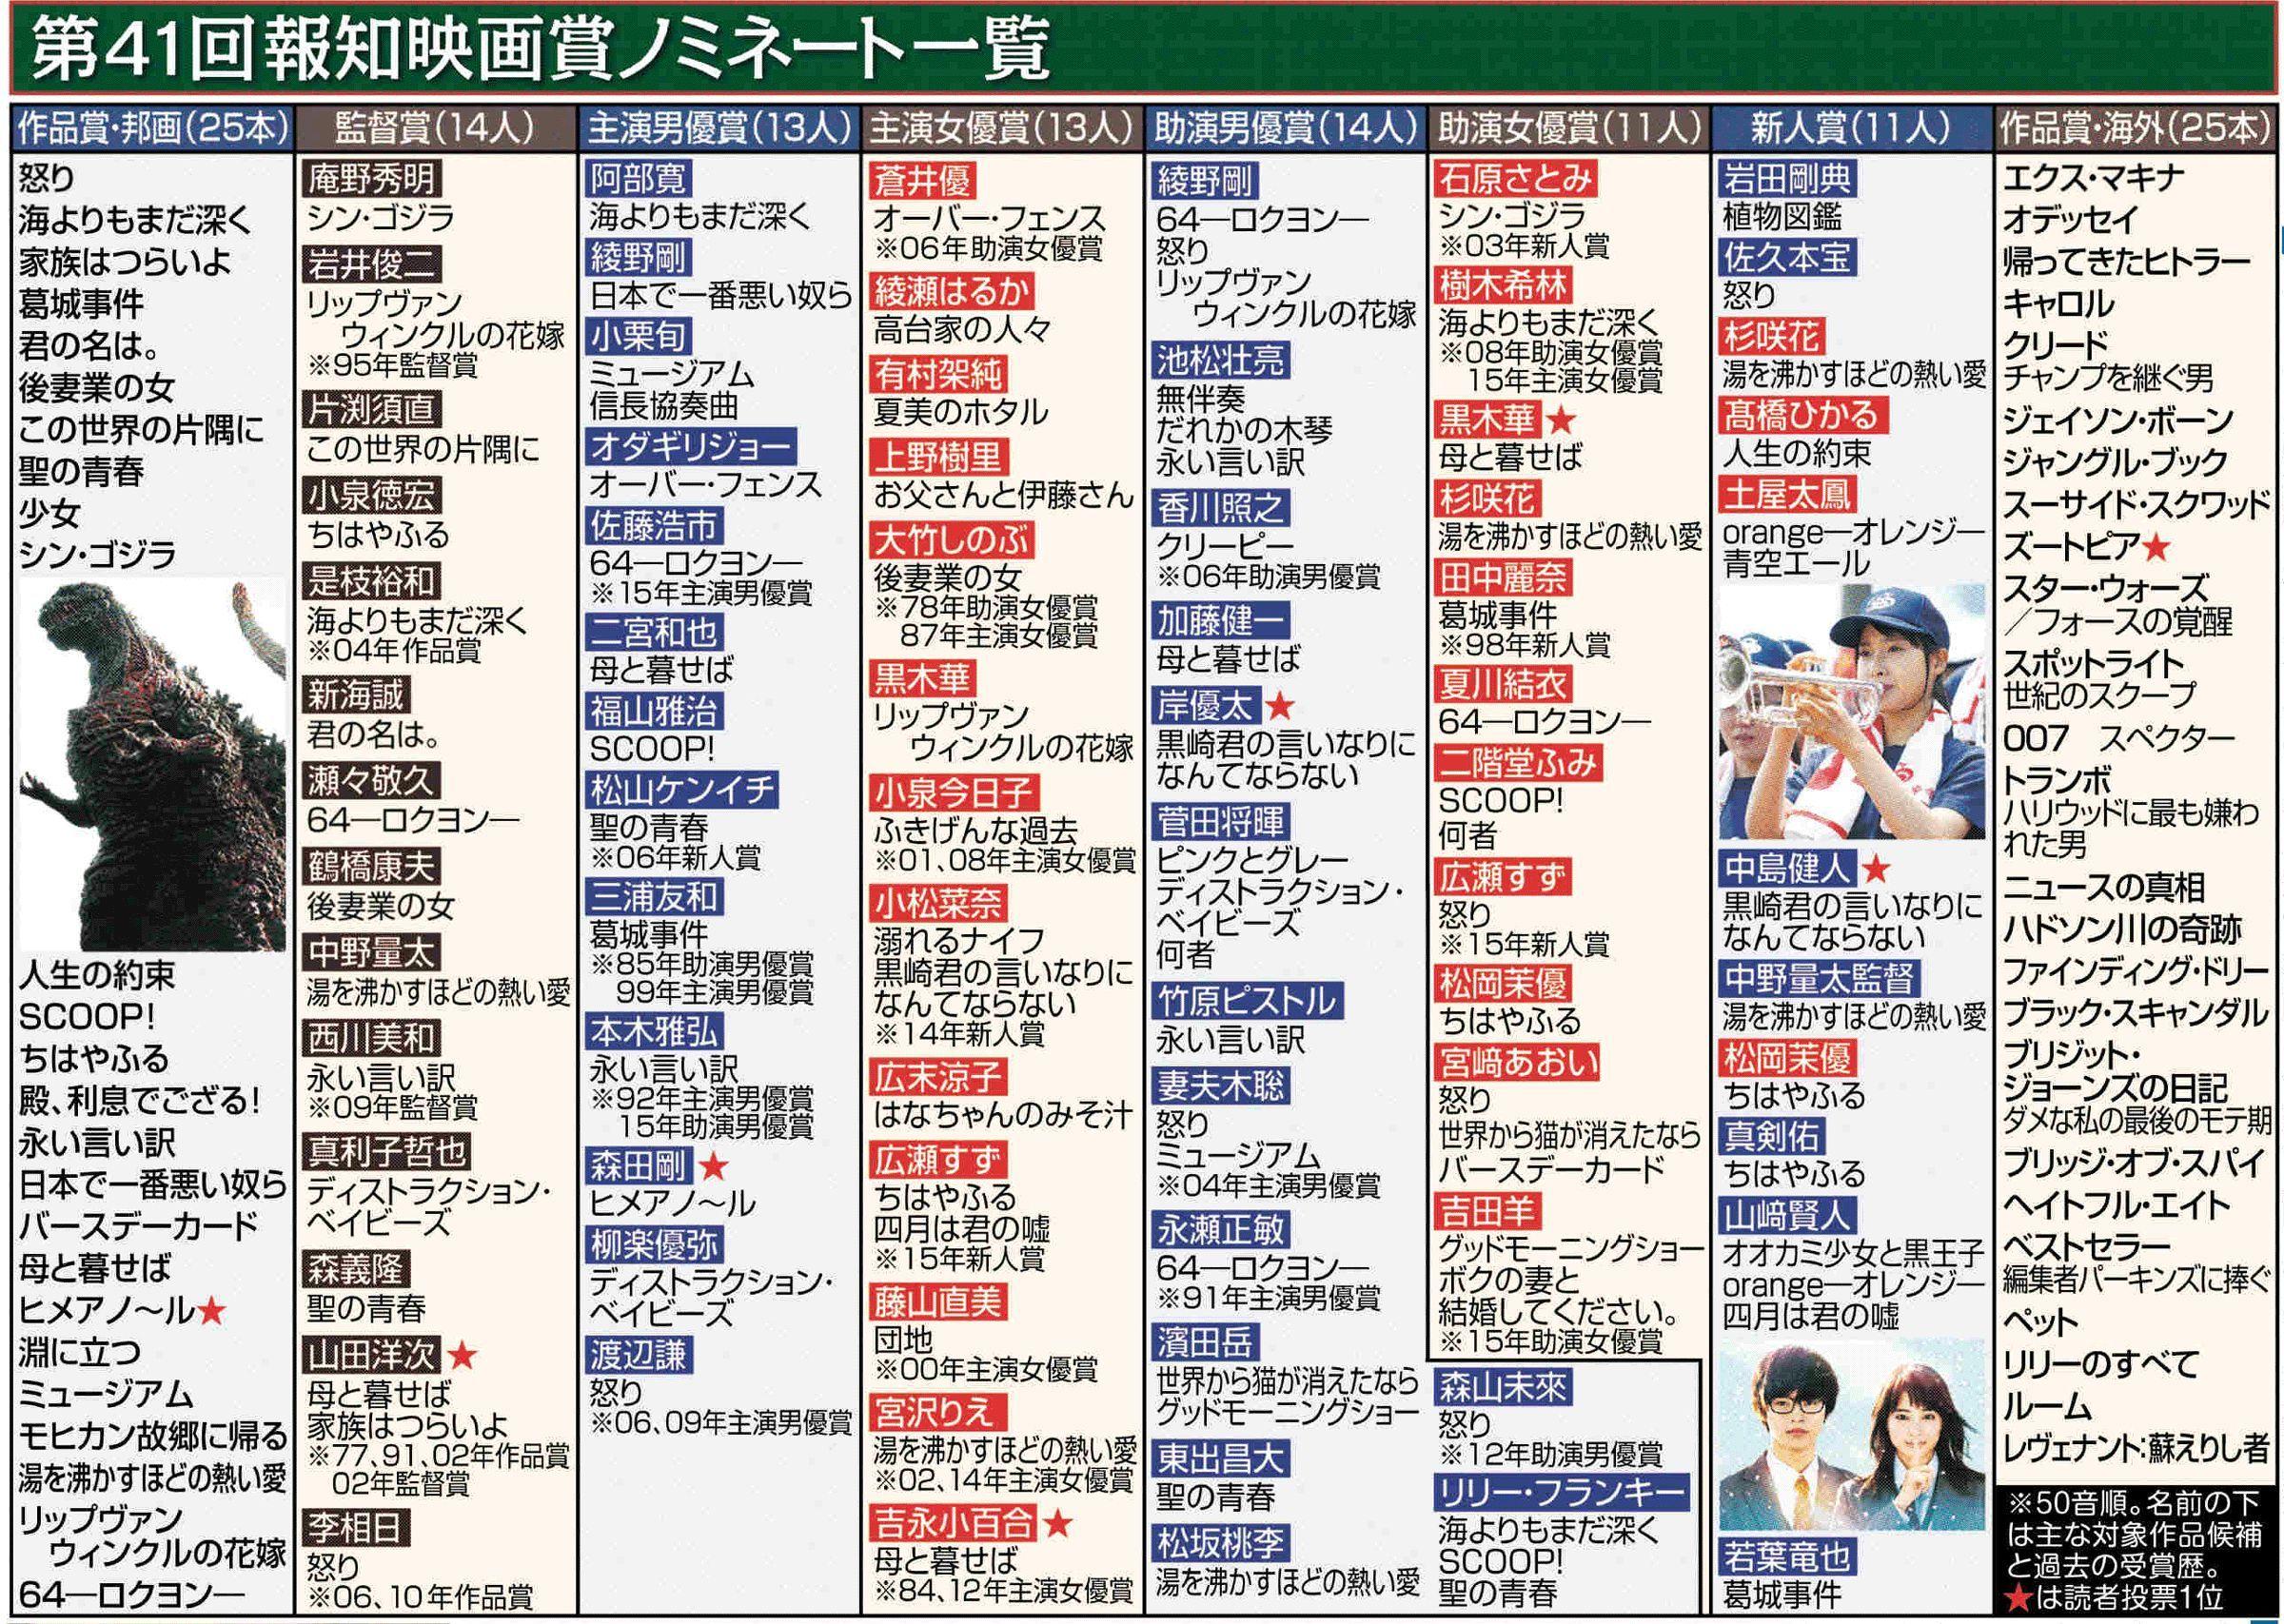 20161113報知映画賞ノミネート001